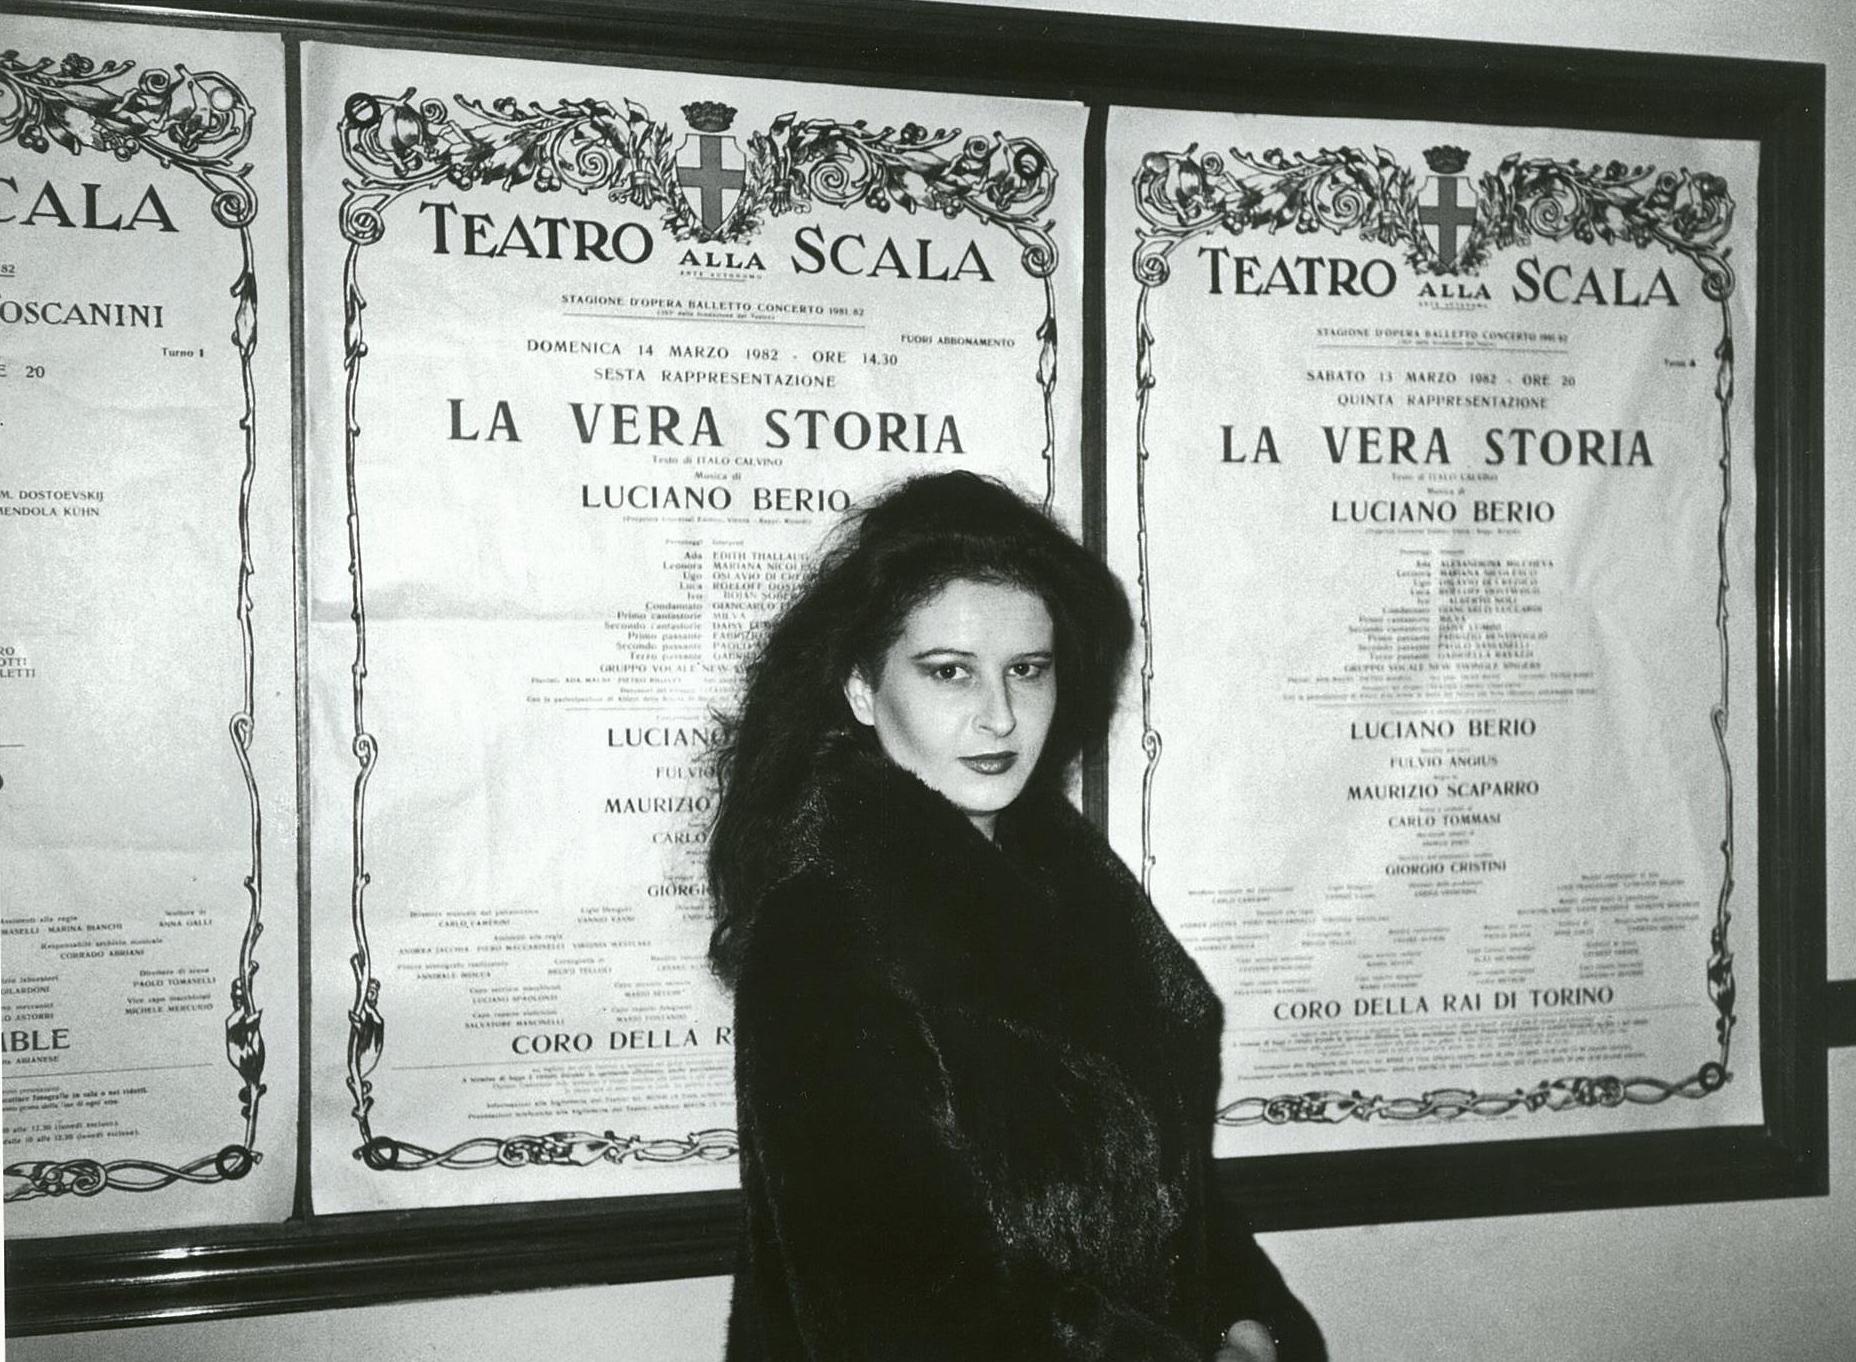 Debutul la Teatrul alla Scala din Milano în premiera mondială a operei.La Vera Storia de Luciano Berio